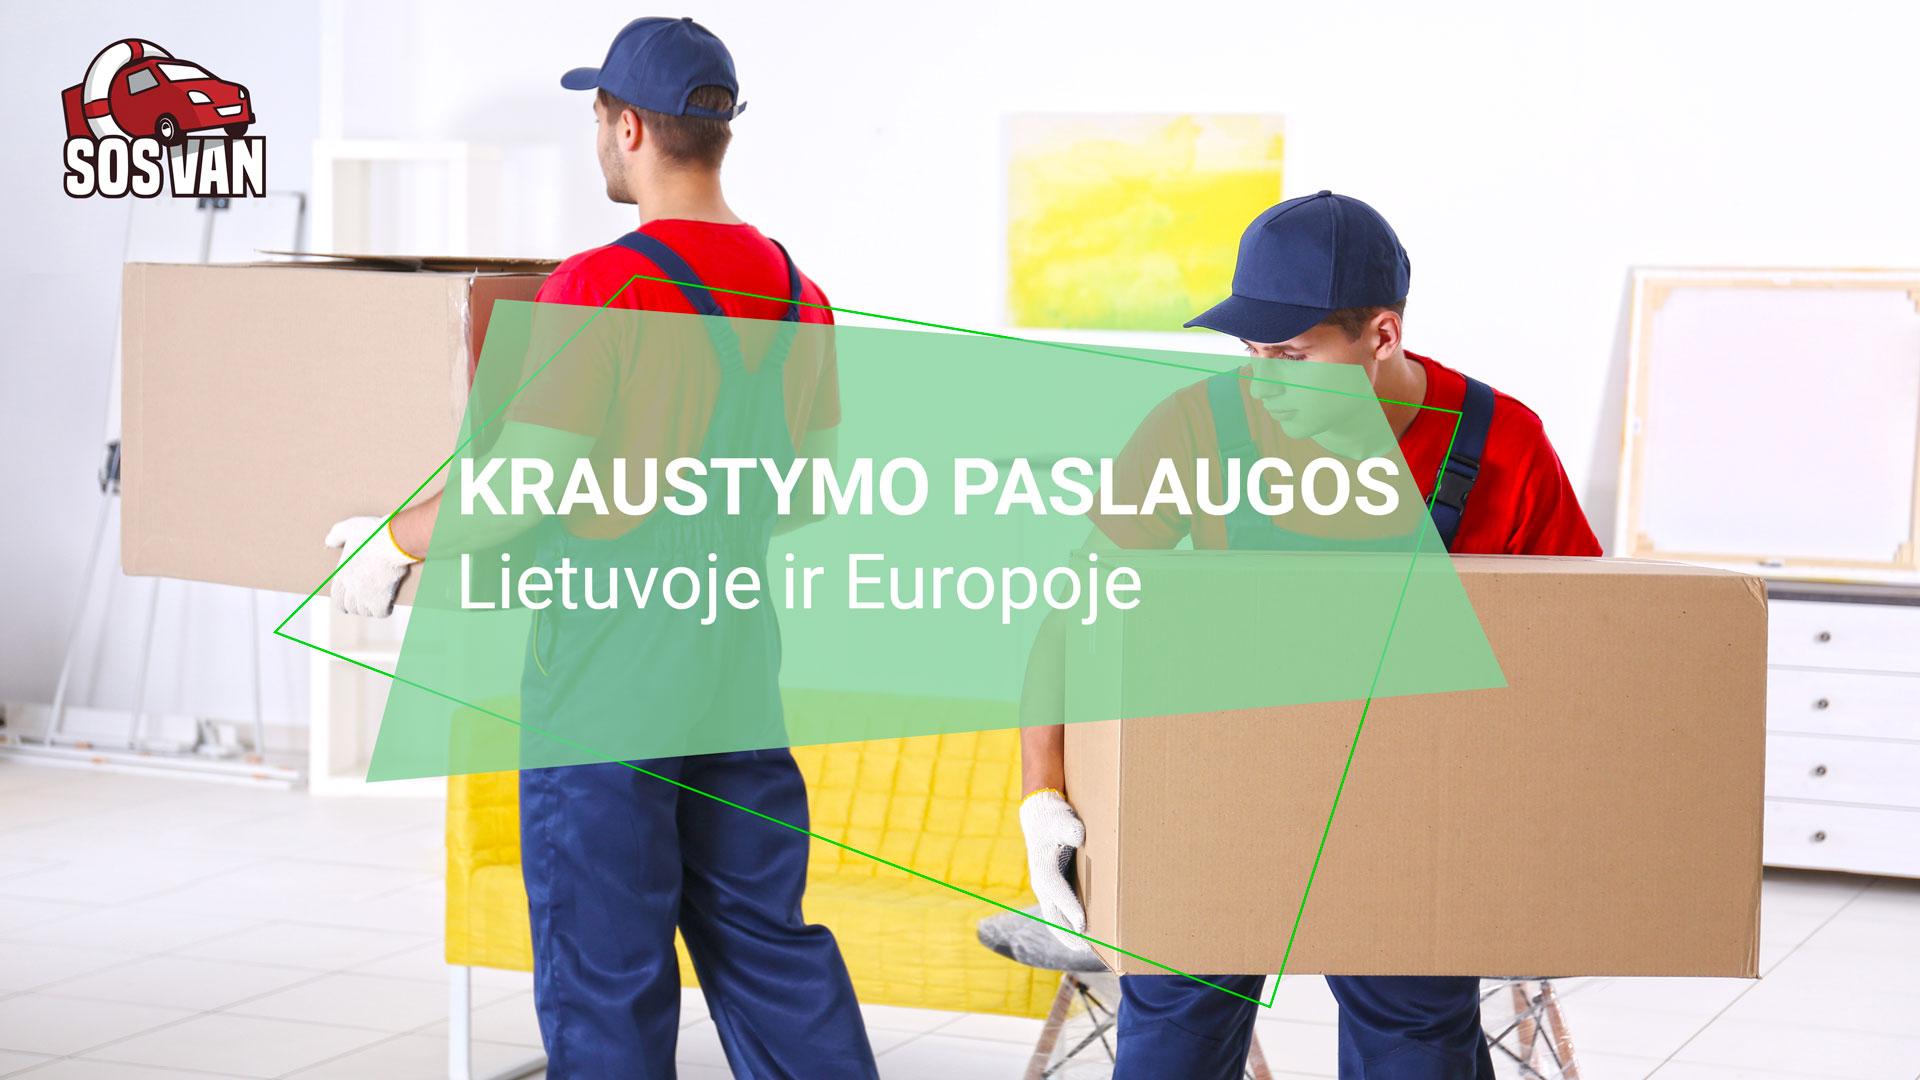 Kraustymo paslaugos | Siuntų pervežimas ne tik Lietuvoje - SOSAVAN